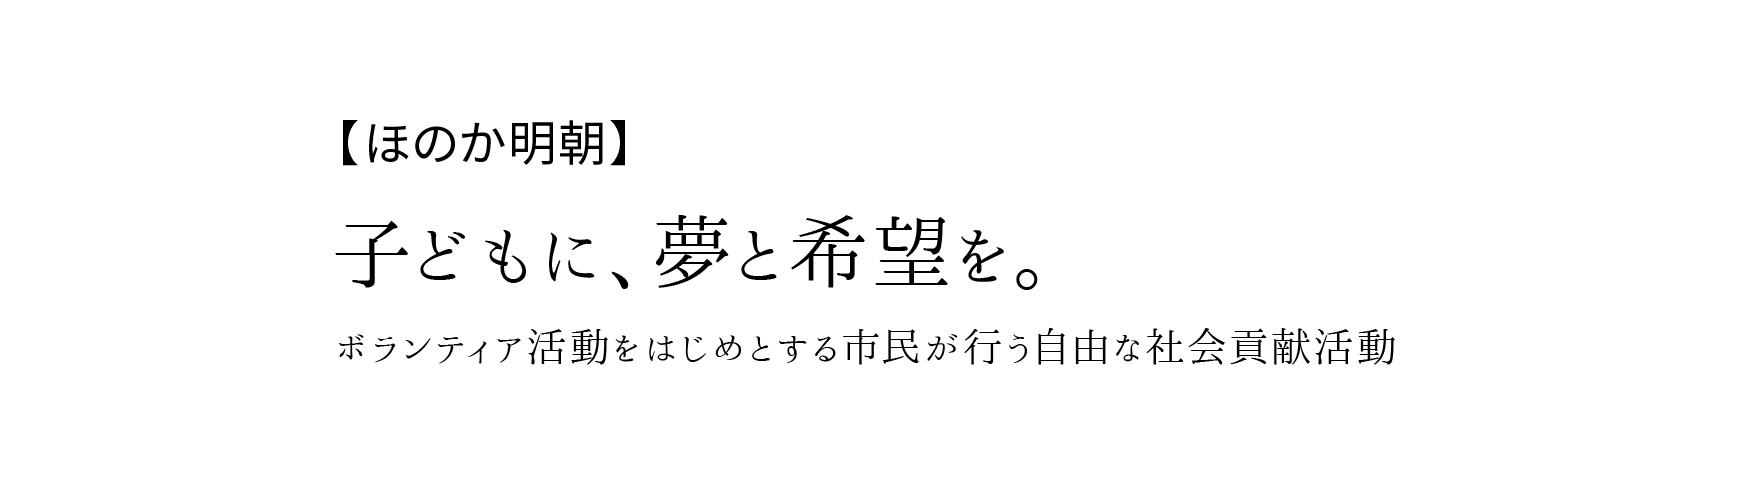 170508image630x360_sumple_honokamin